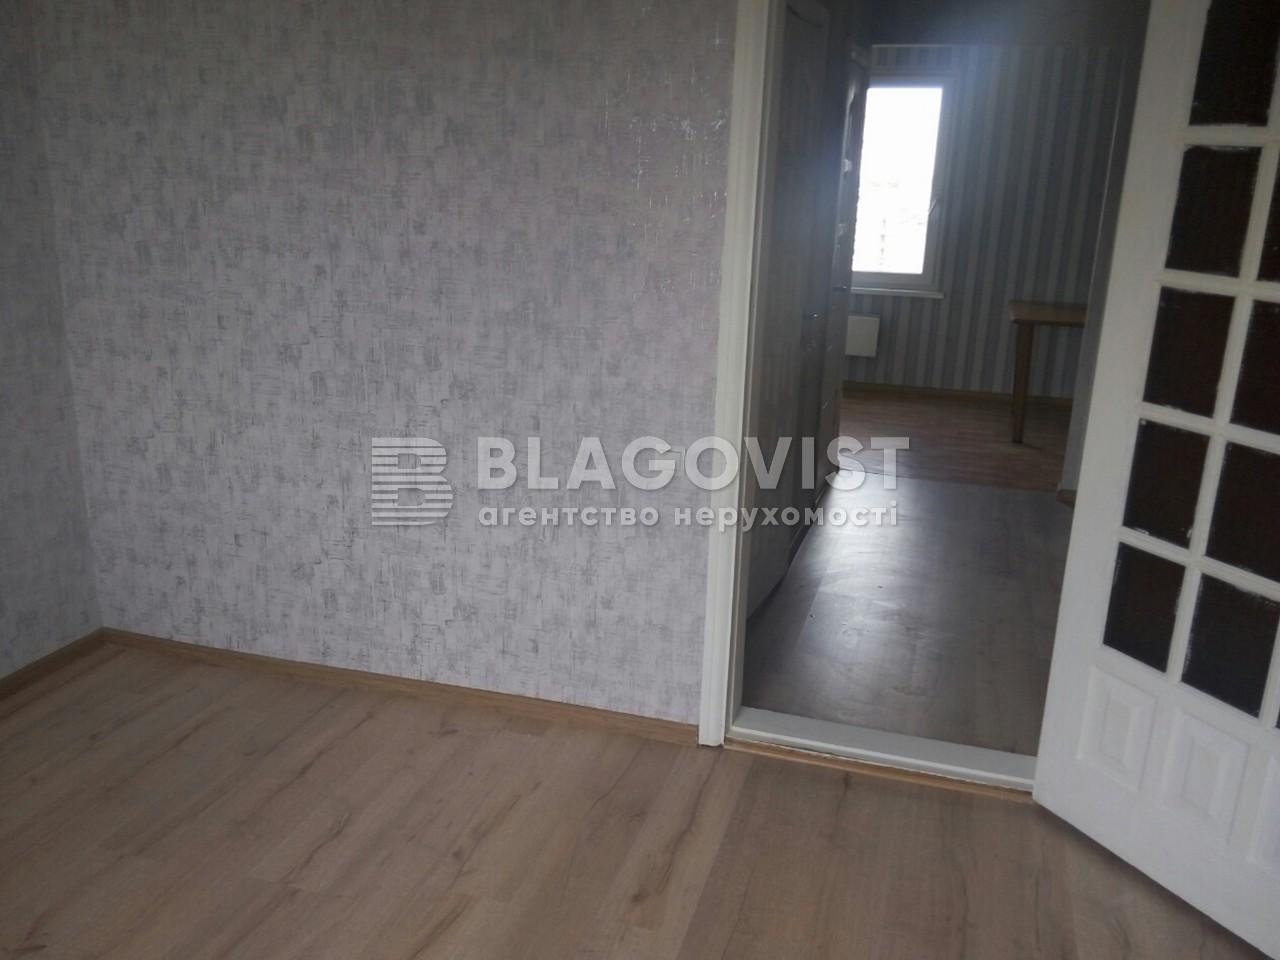 Квартира F-36654, Срибнокильская, 16, Киев - Фото 6